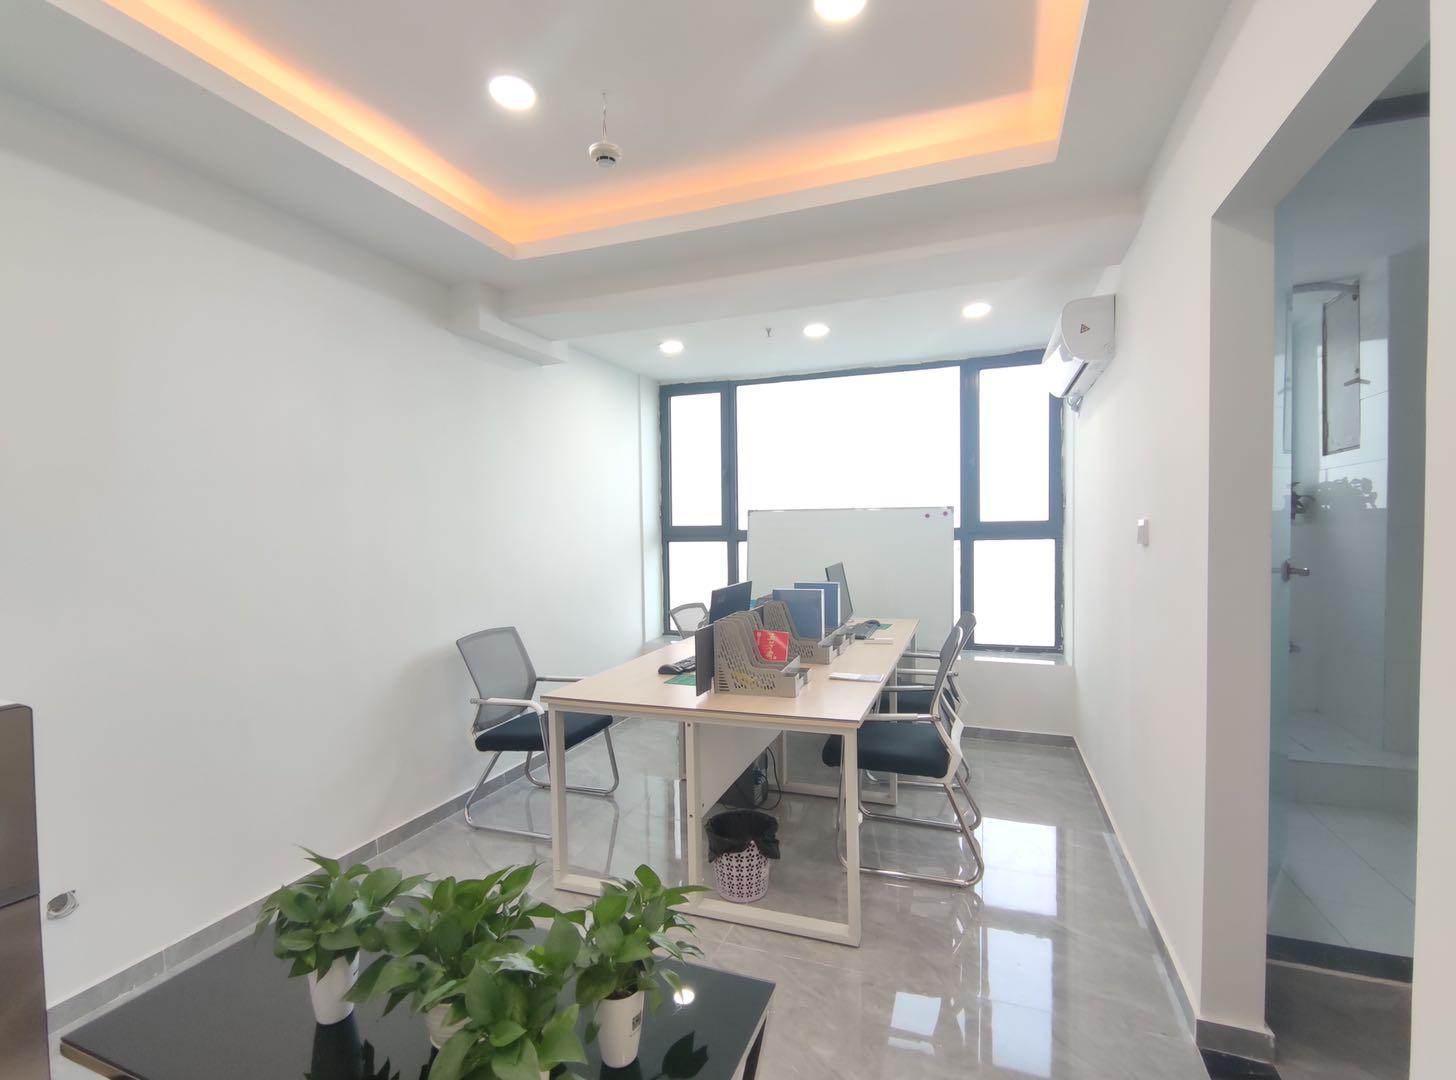 小型办公室/青羊区丨万达广场36.56平米